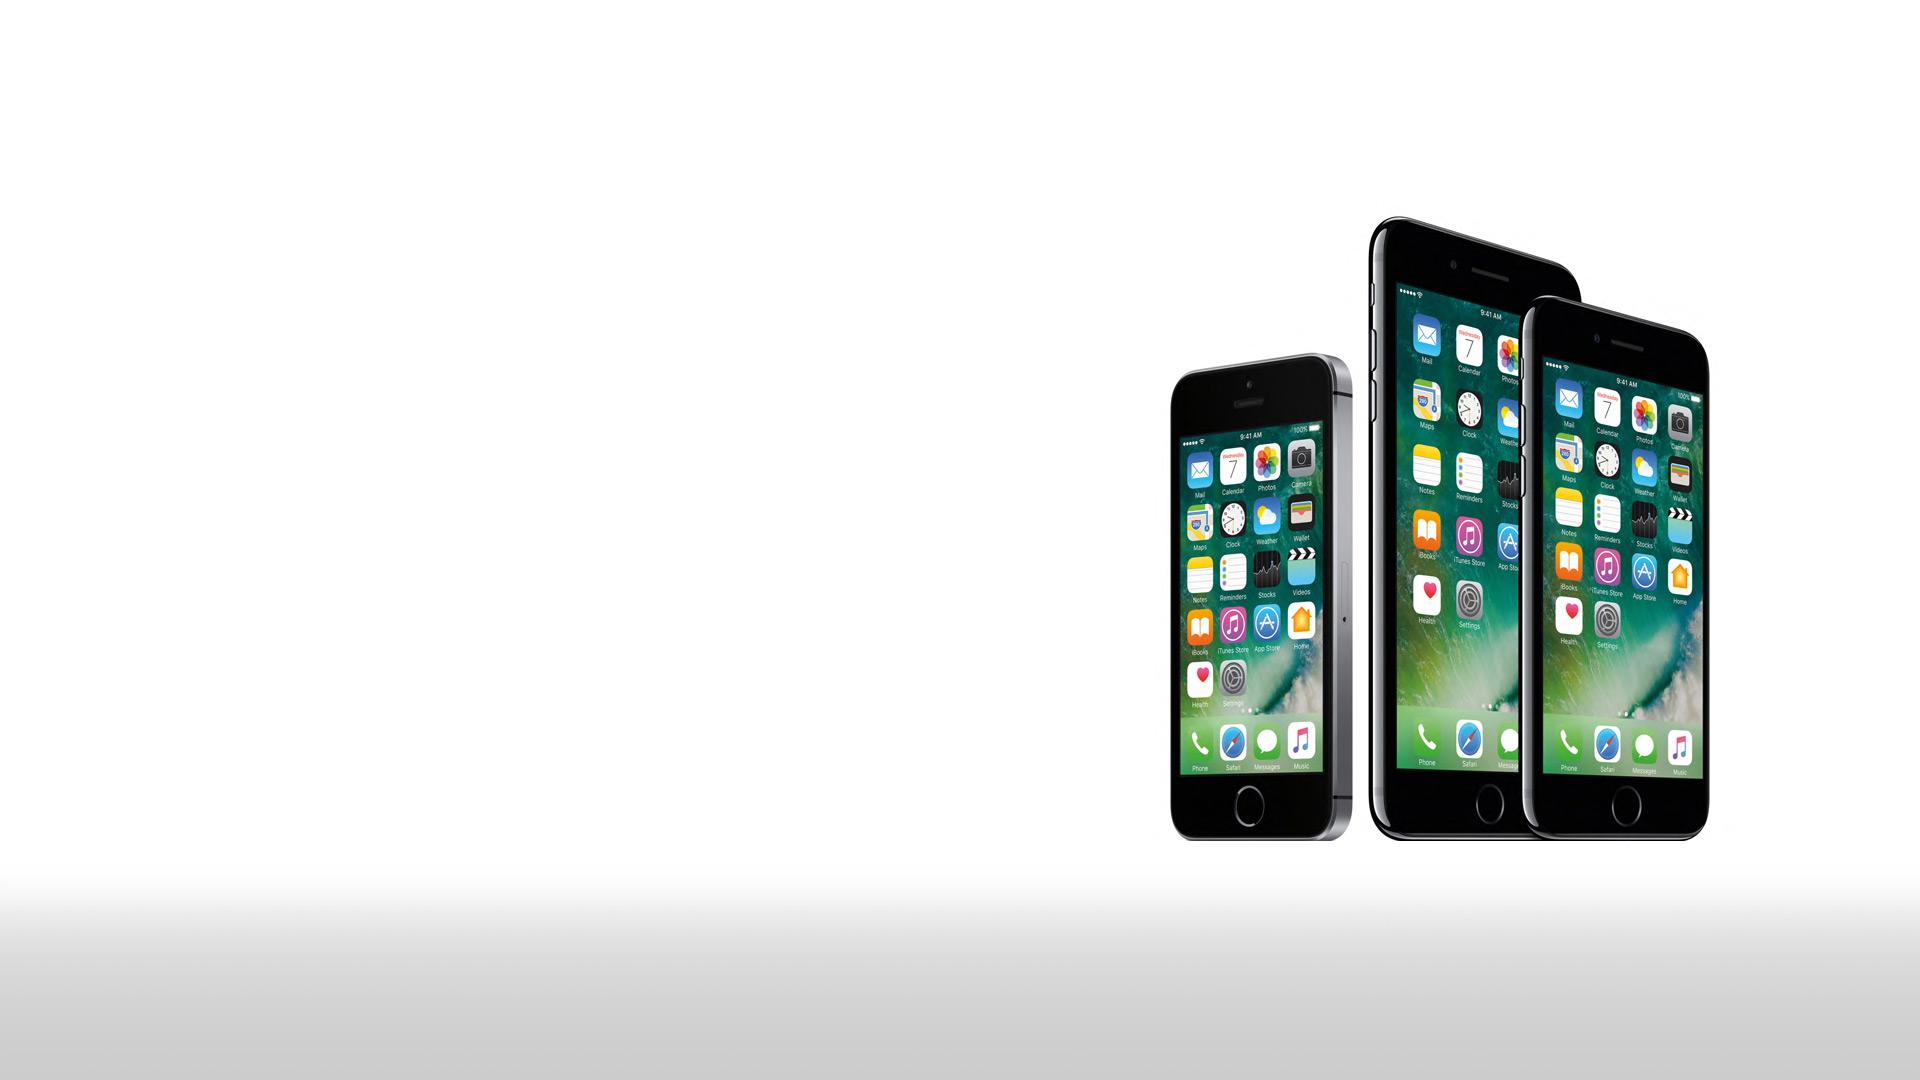 iPhone 7, SE und 6s auf weißem Hintergrund